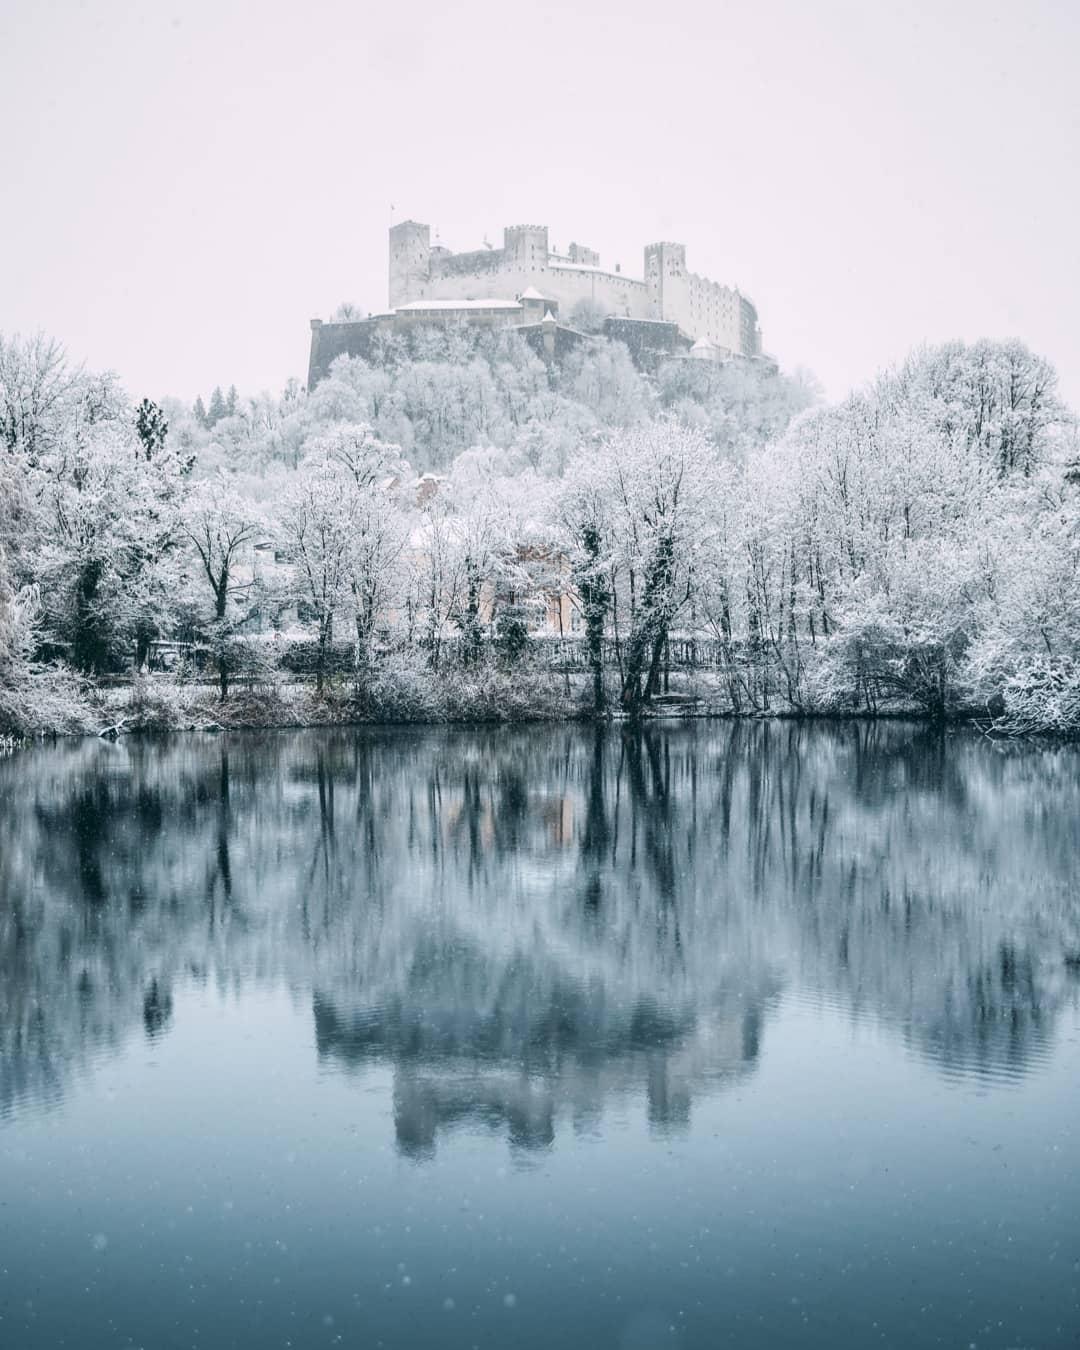 Красота зимней Австрии на снимках Себастьяна Шейхла